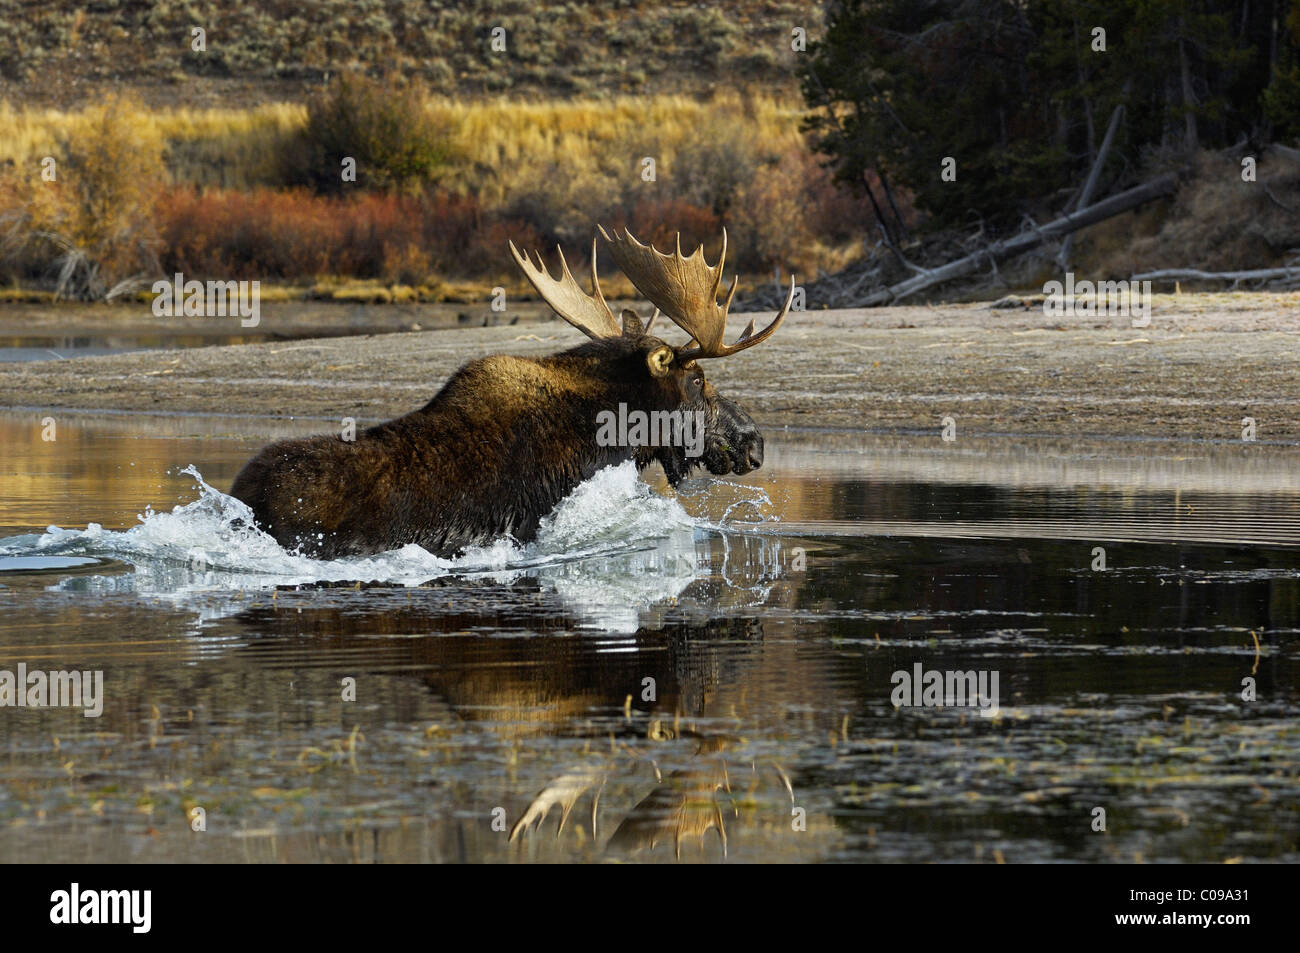 Bull Moose racing über den Snake River im Grand Teton National Park. Stockbild